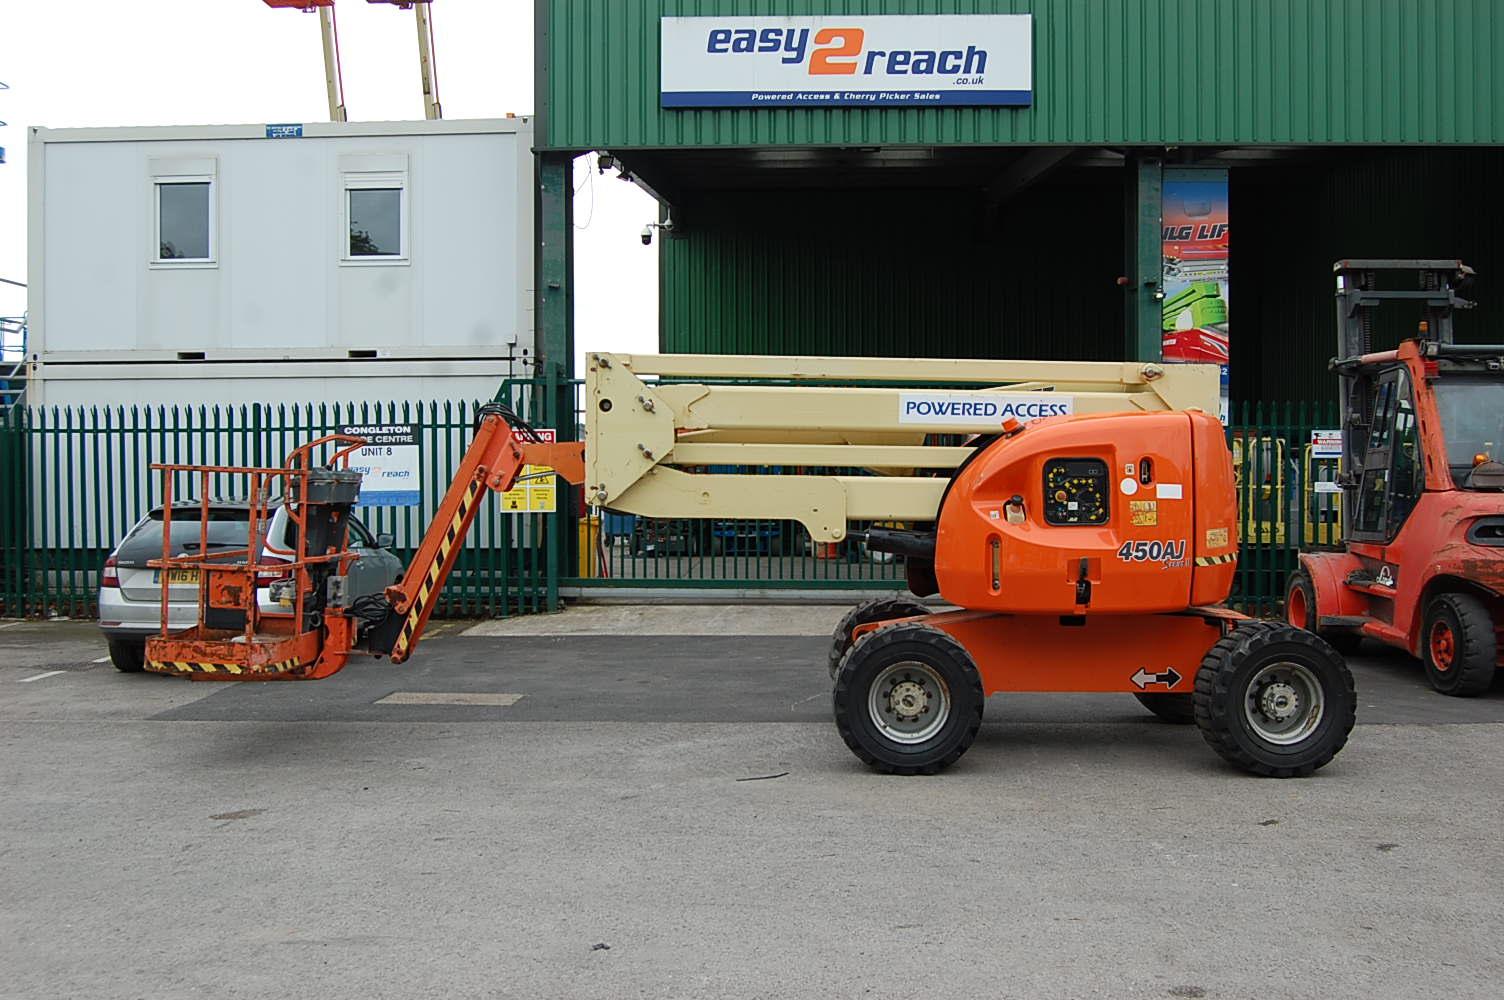 2007 JLG 450AJ Rough Terrain Diesel Boom Lift 15.5m